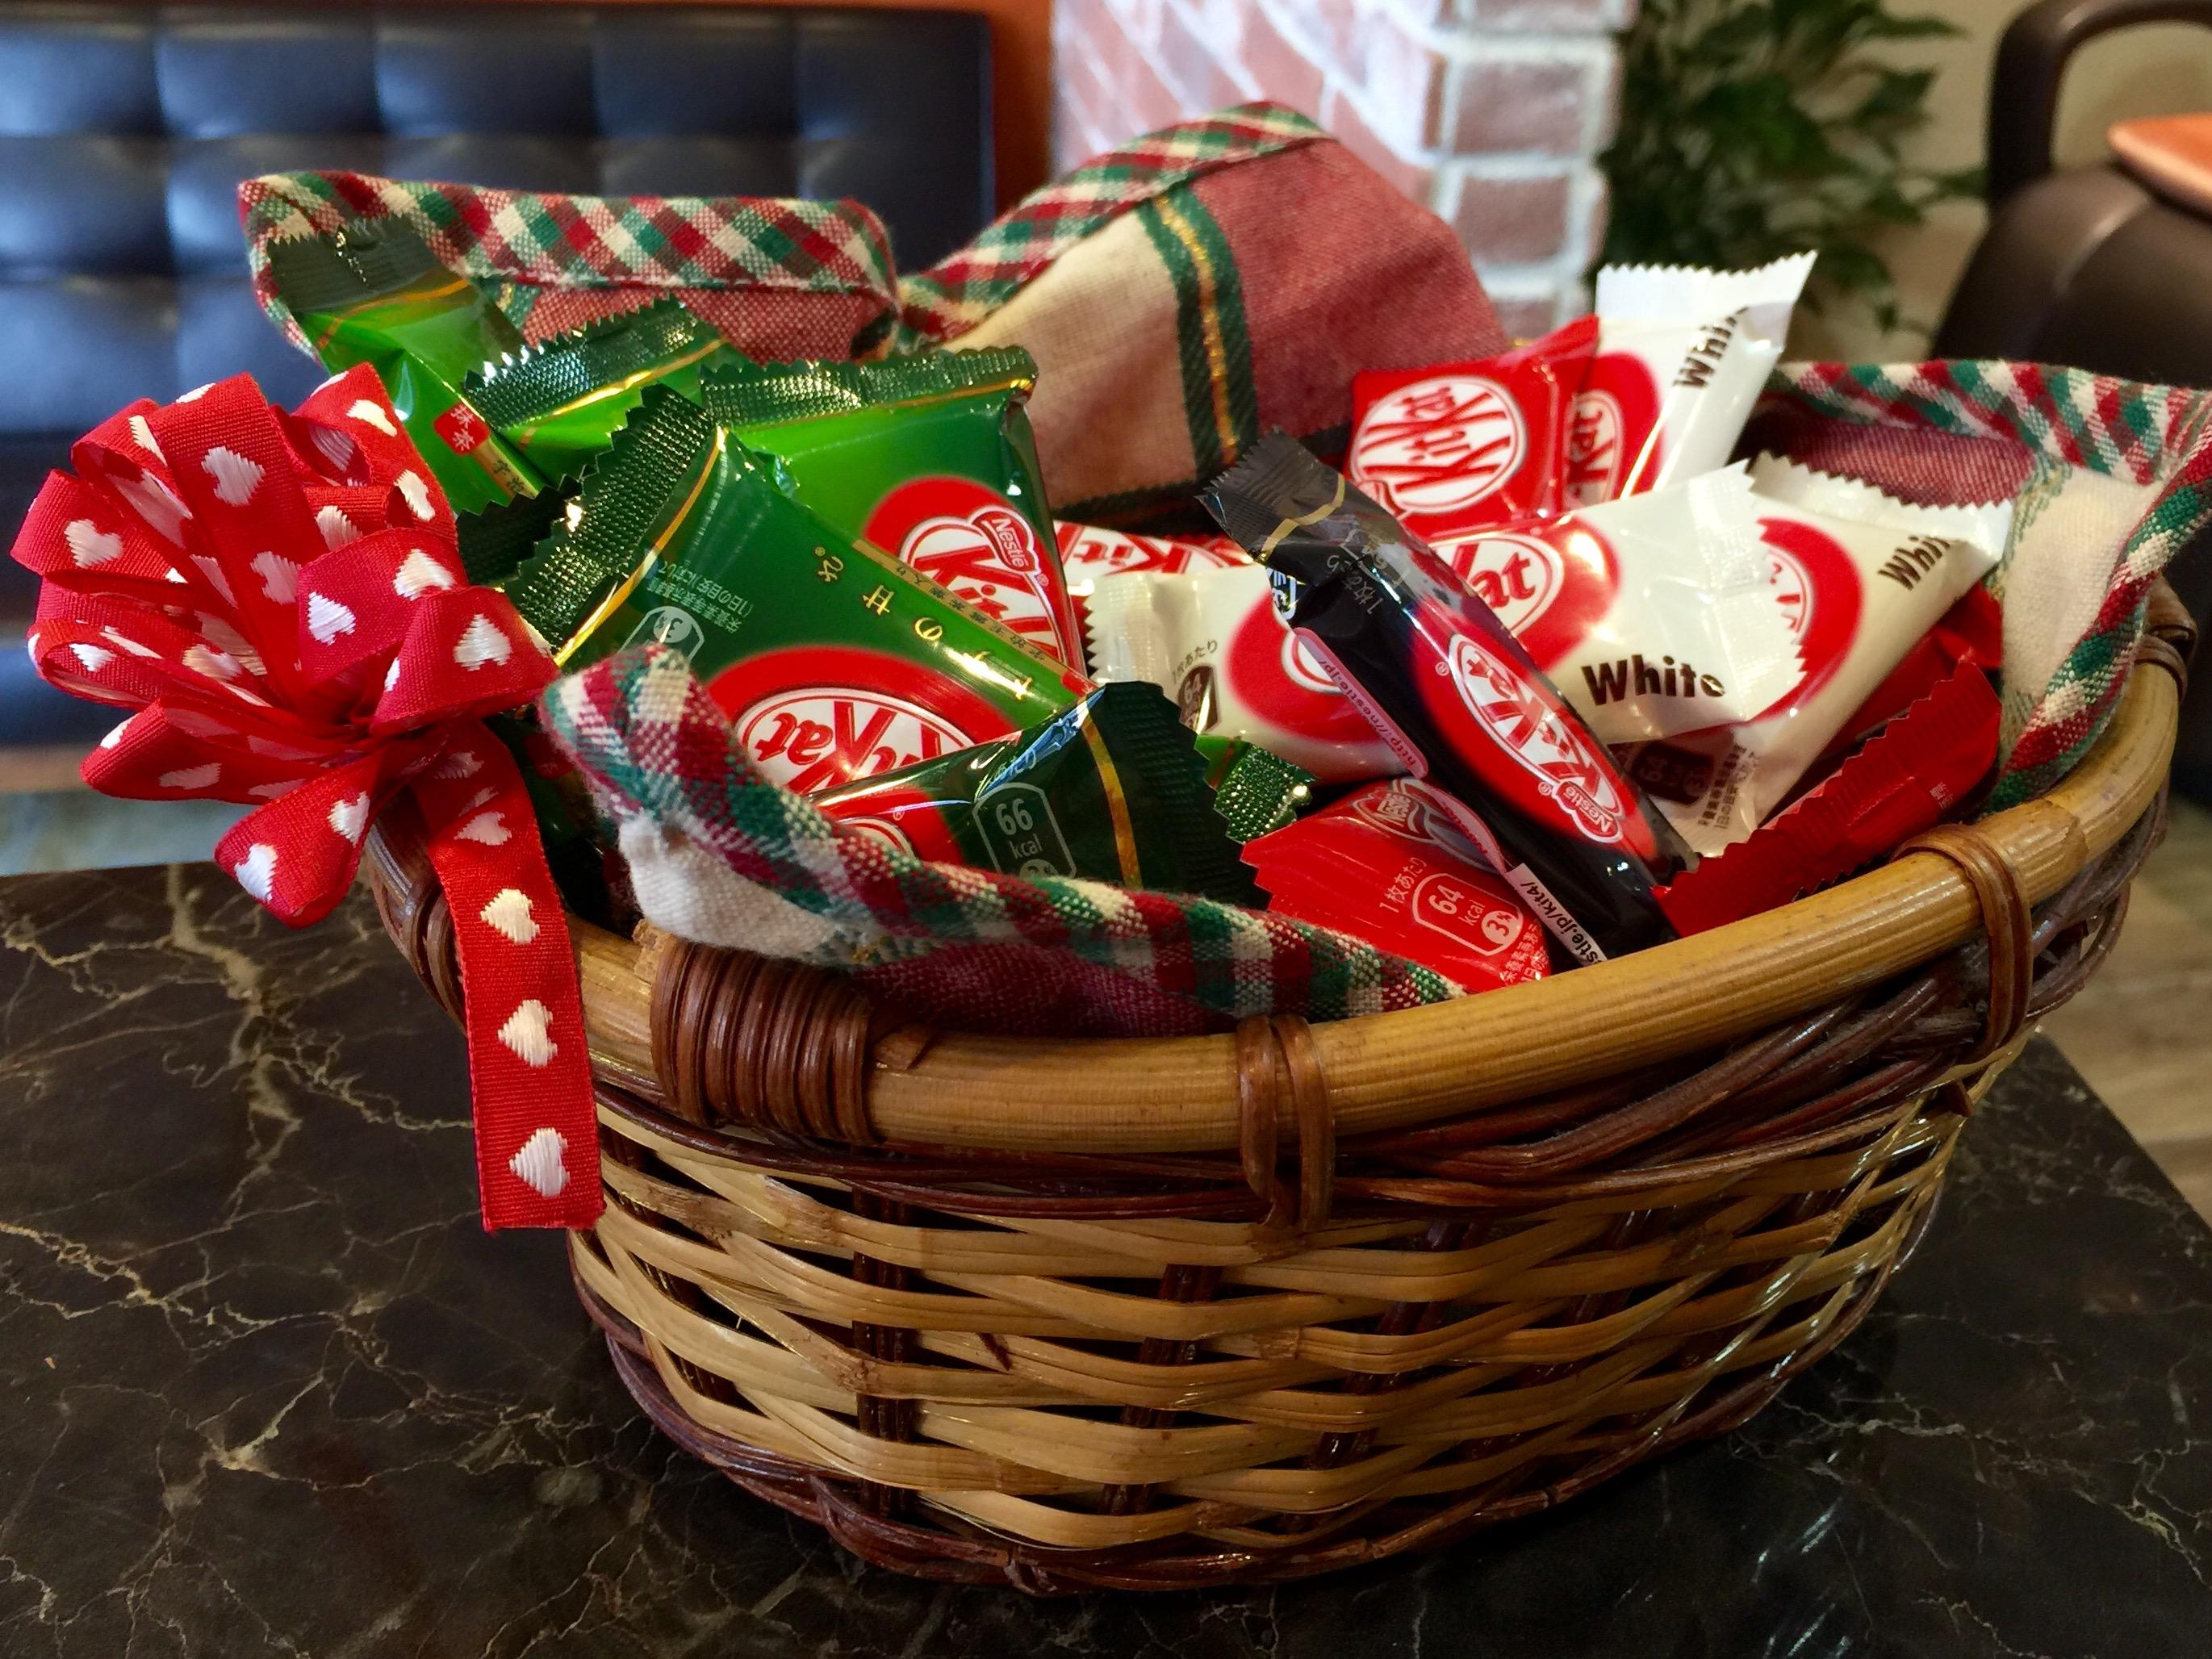 シェラブより愛を込めて・チョコレートをプレゼント!